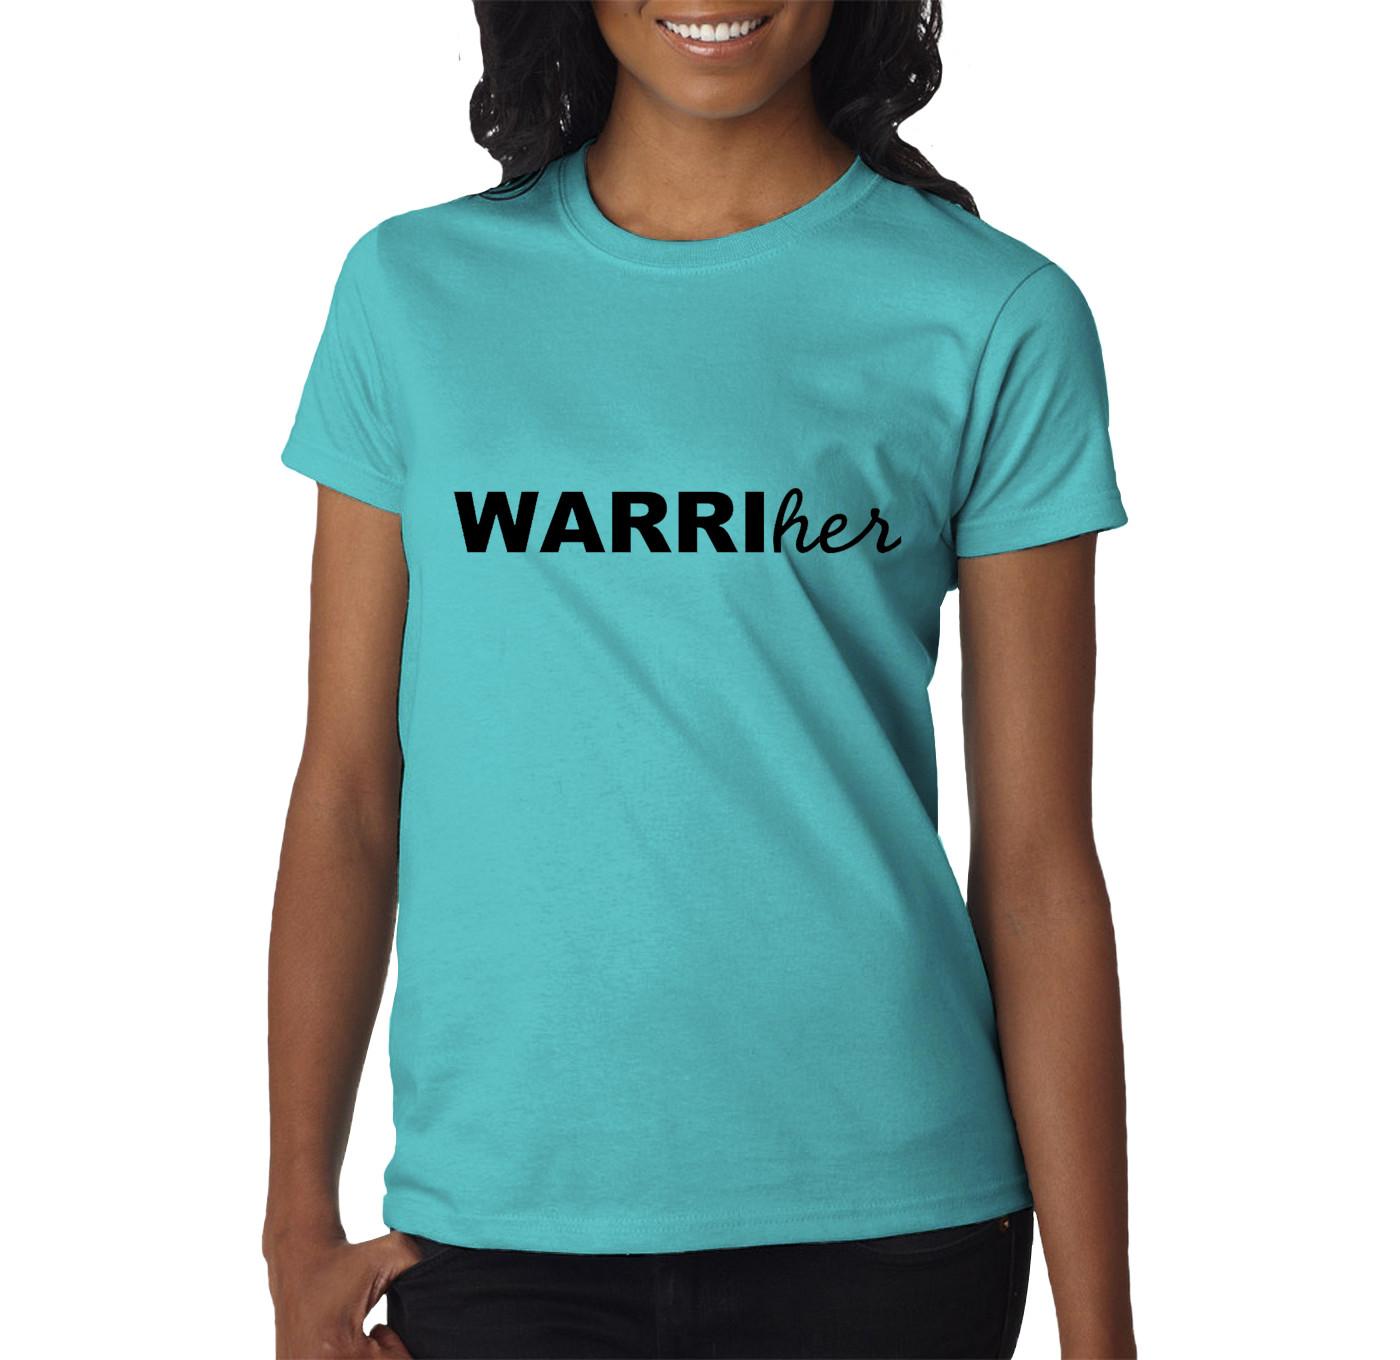 Warriher